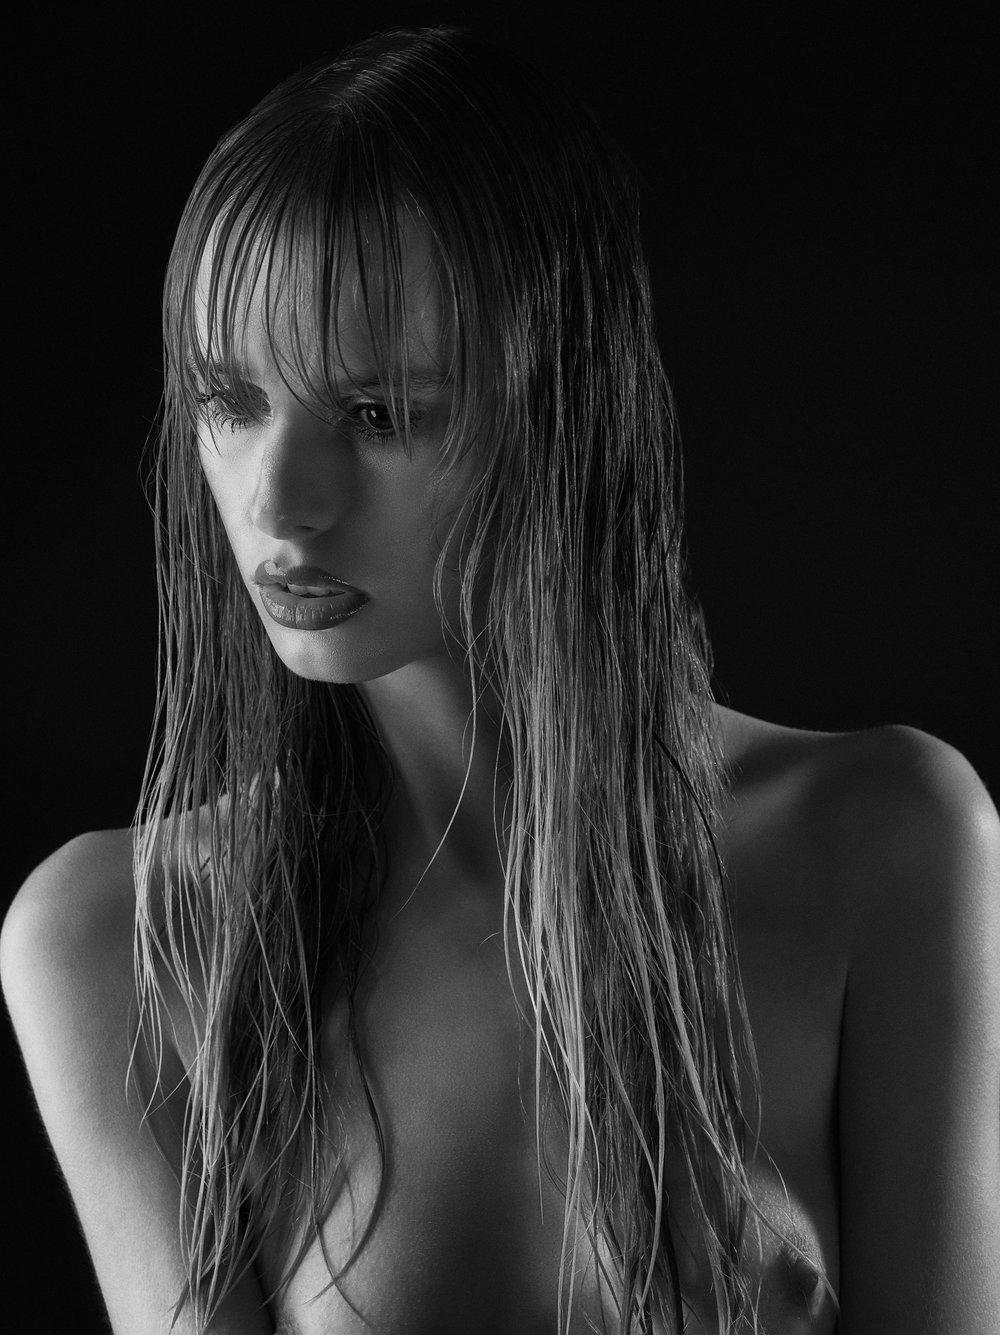 Skin: accord parfait L'oréal Paris, natural finish cream concealer Shiseido Face & Eyes: fluid sheer Giorgio Armani, mascara false lash extensions L'oréal Lips: Satin cyber MAC, rouge pur couture vernis à lèvres YSL